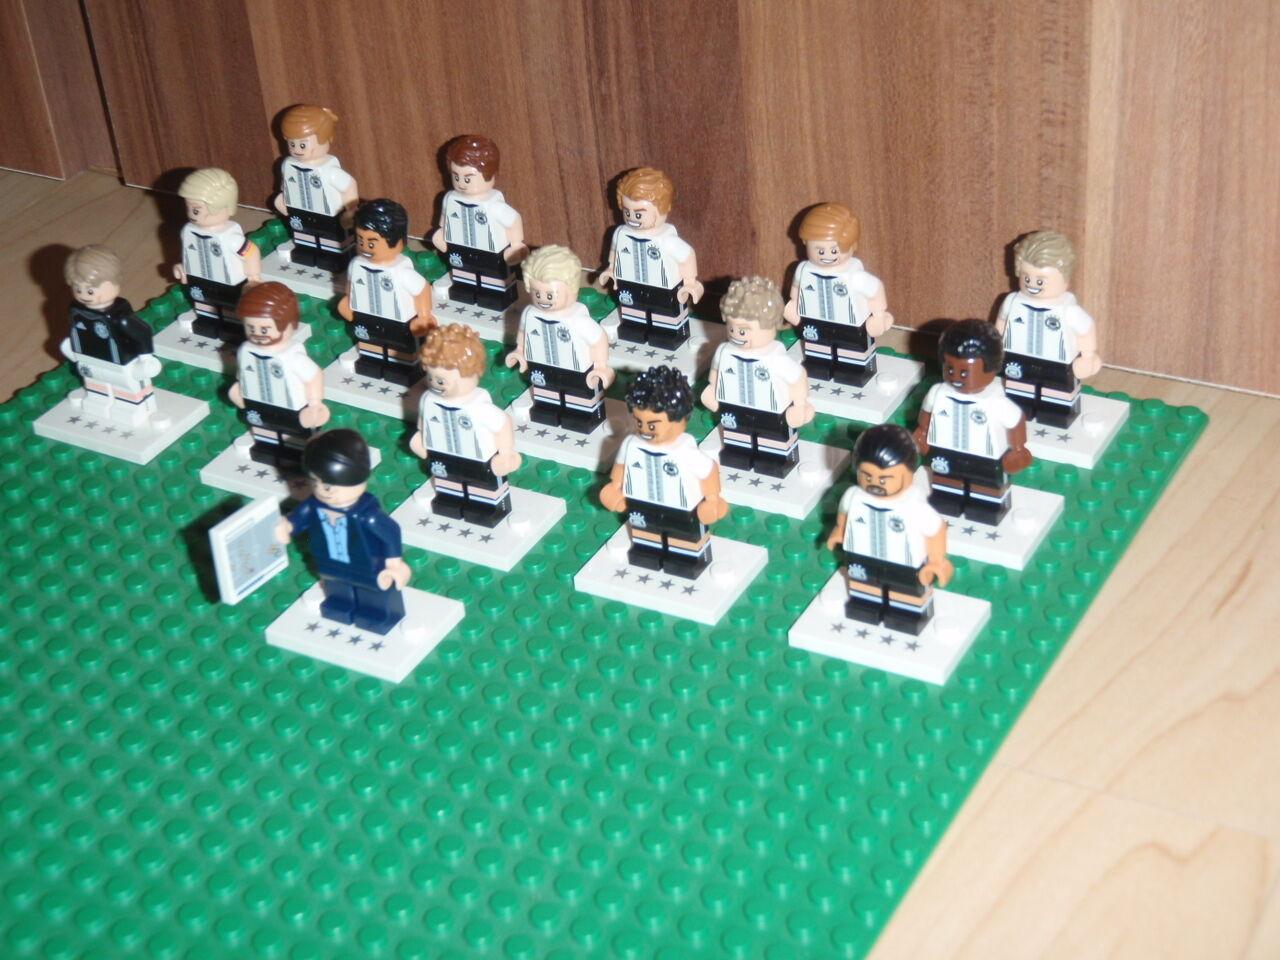 Komplettset Lego Minifiguren FUSSBALL 2016 DFB DIE DIE DIE MANNSCHAFT  71014 a07a57